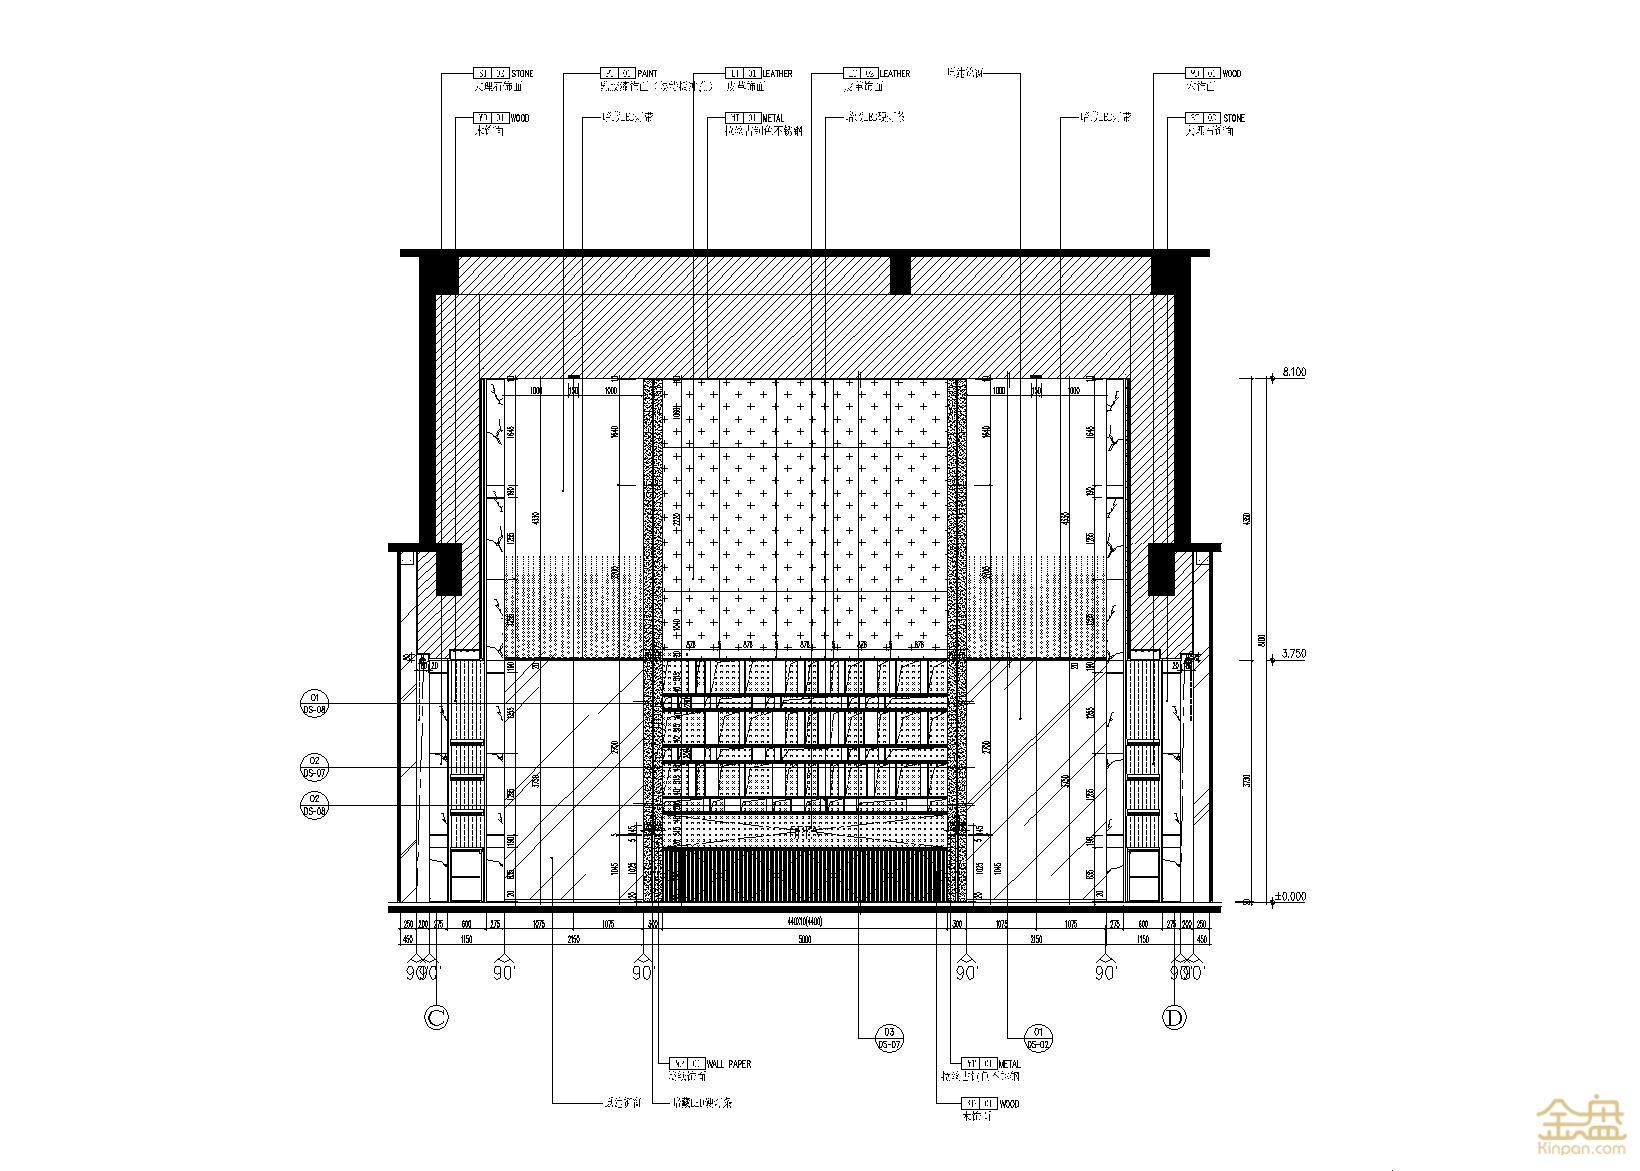 02-青岛西海岸中心项目 售楼处立面图2018.9.20-Model2.jpg